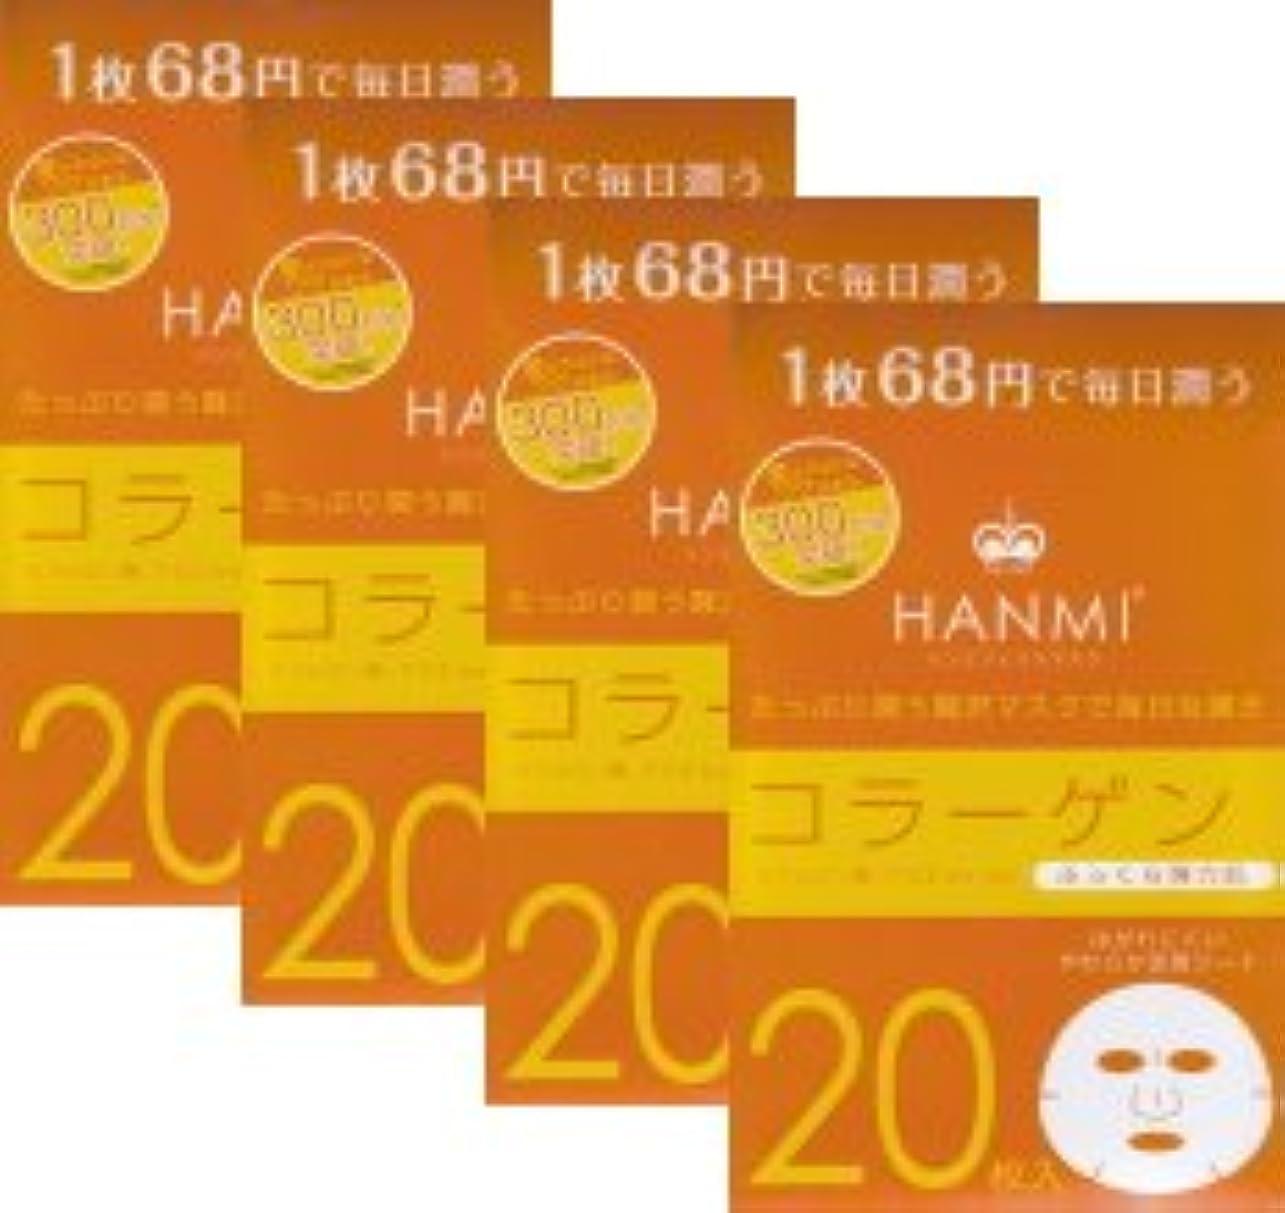 うれしい極端な枠MIGAKI ハンミフェイスマスク コラーゲン(20枚入り)×4個セット